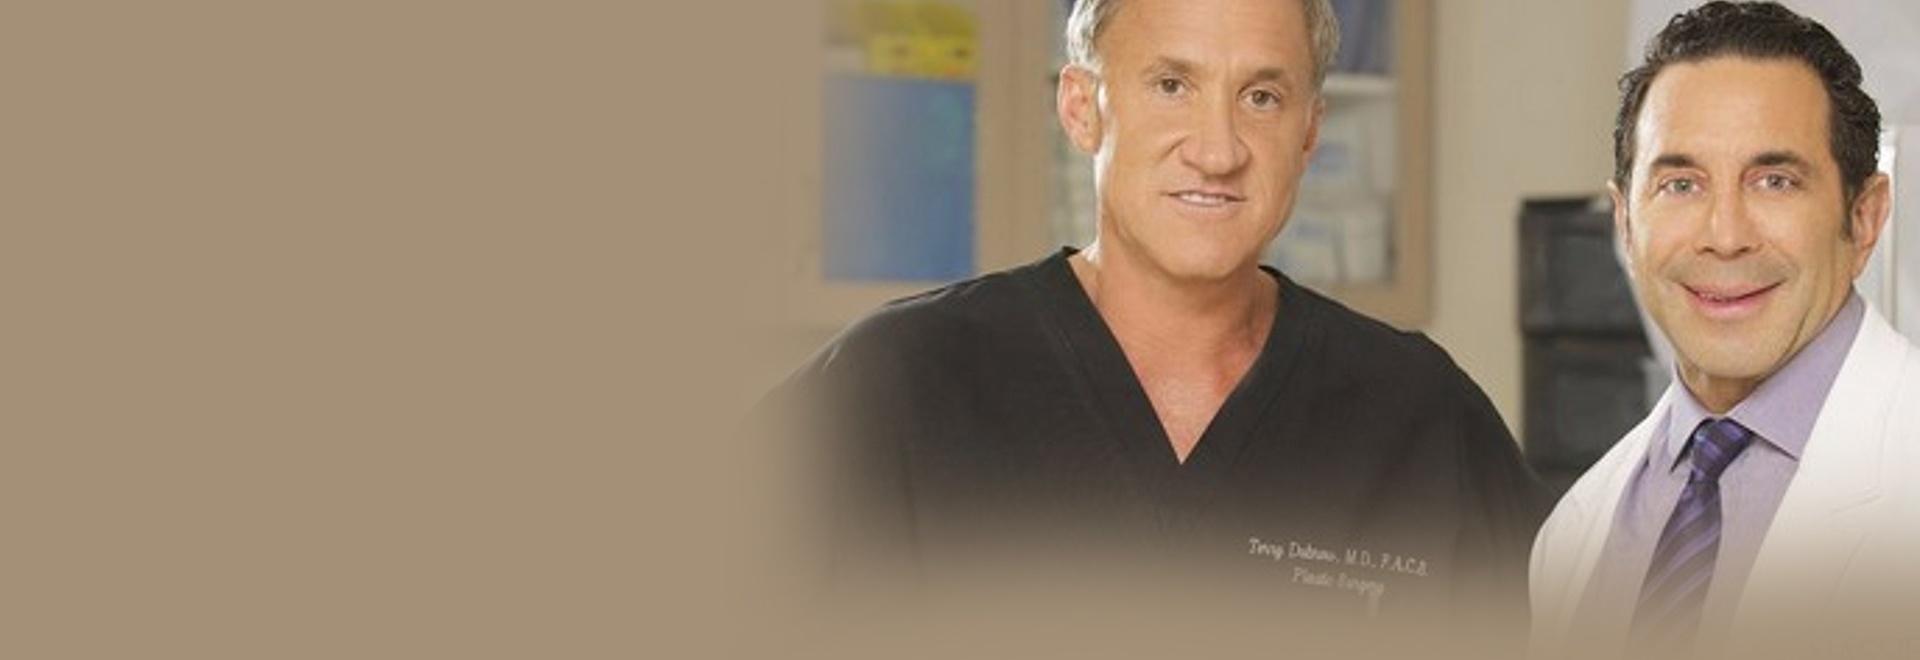 Un chirurgo plastico mi ha salvata